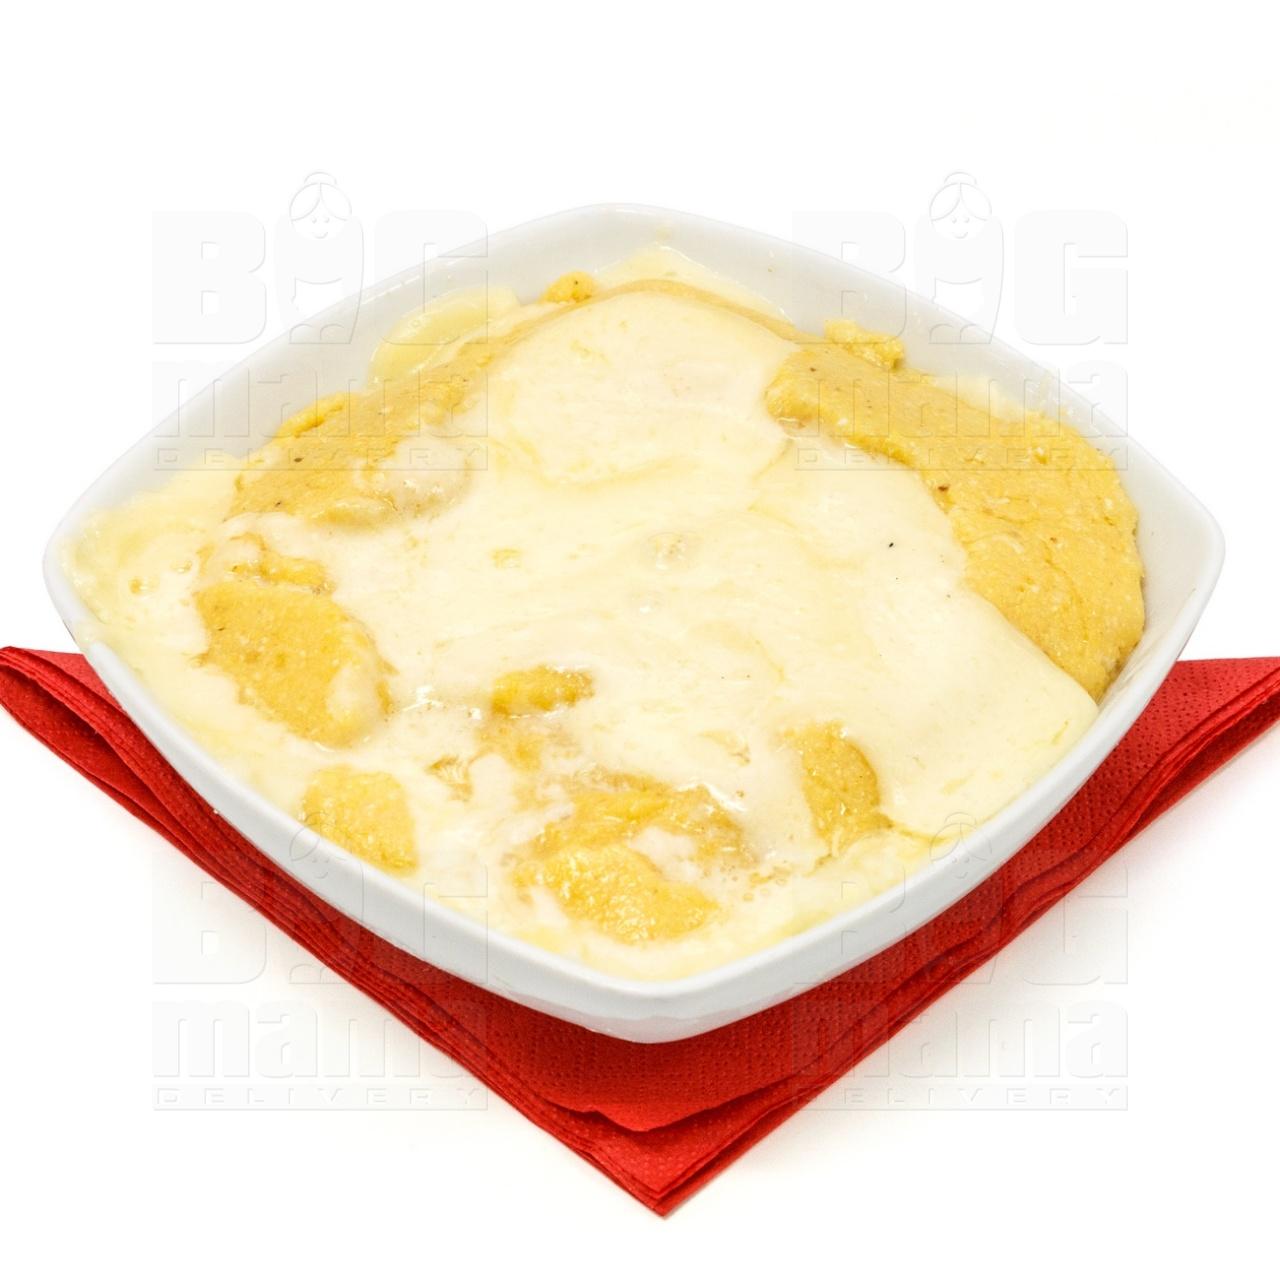 Product #154 image - Mămăligă cu brânză